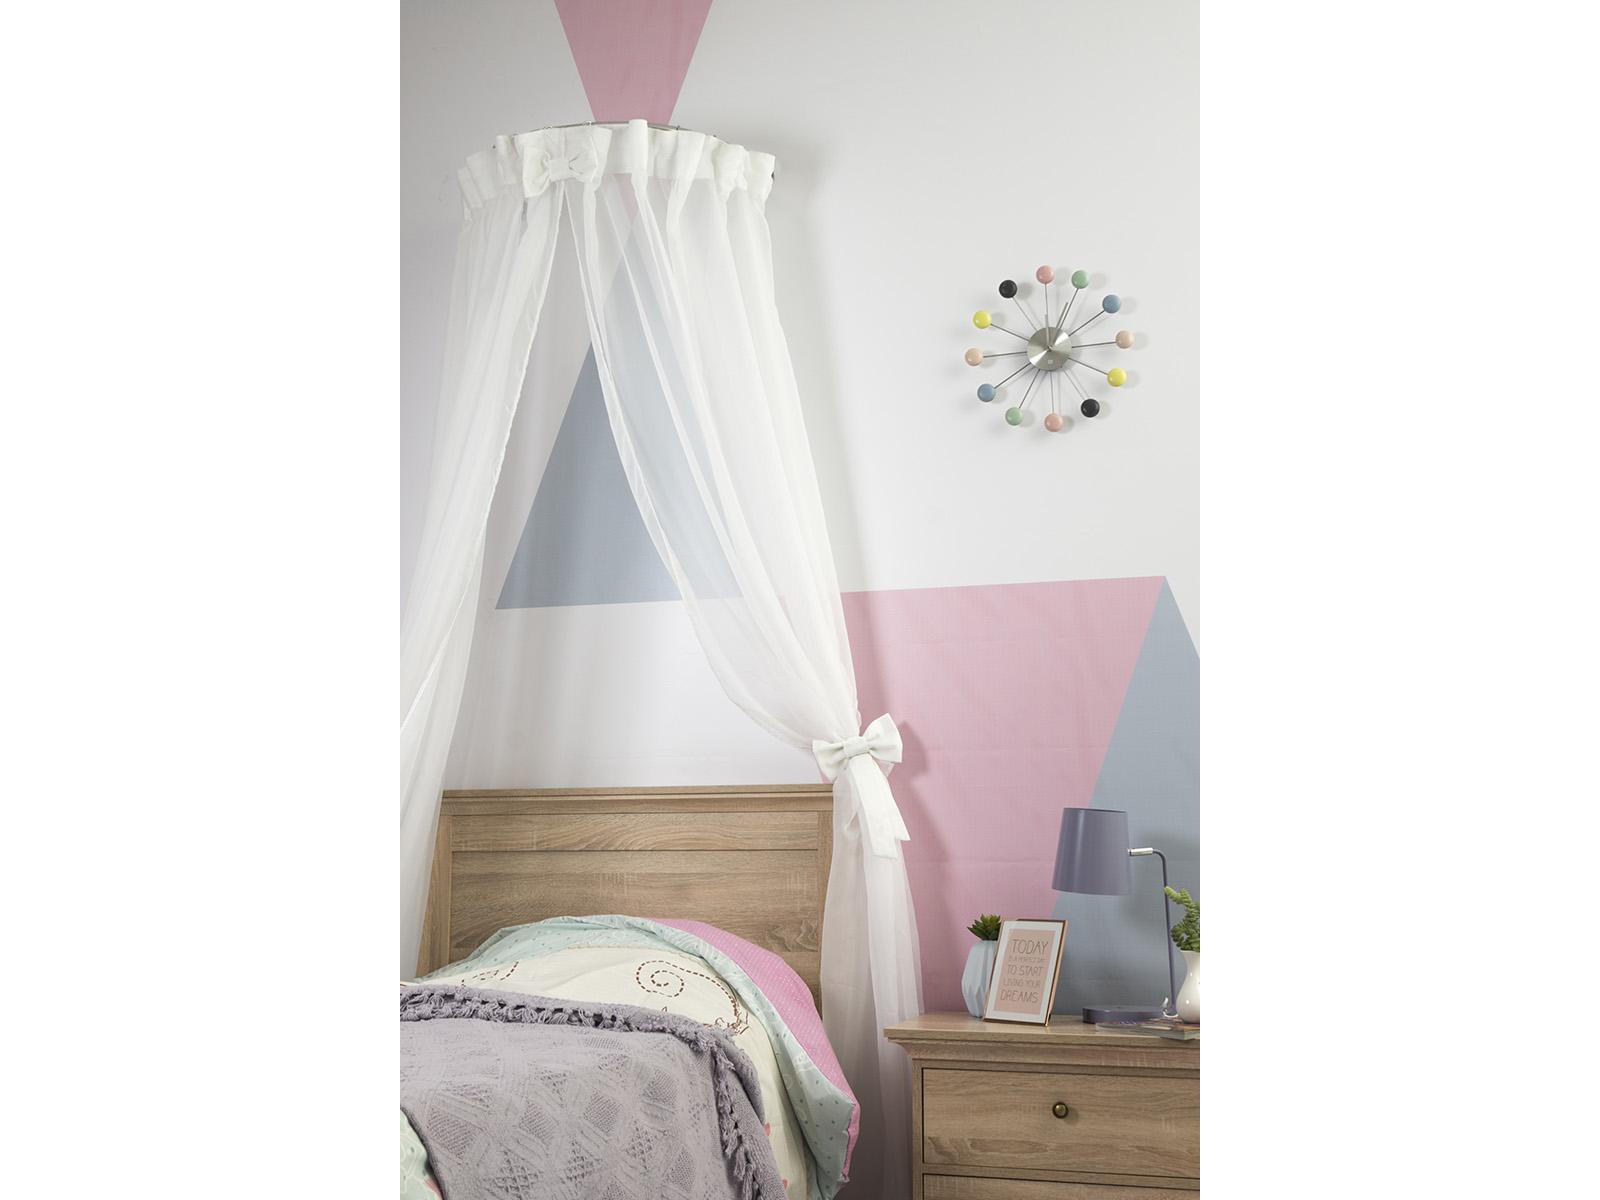 Балдахин ReinaКровати<br>Балдахин декорирован бантами. Крепится на стене над кроватью.<br>